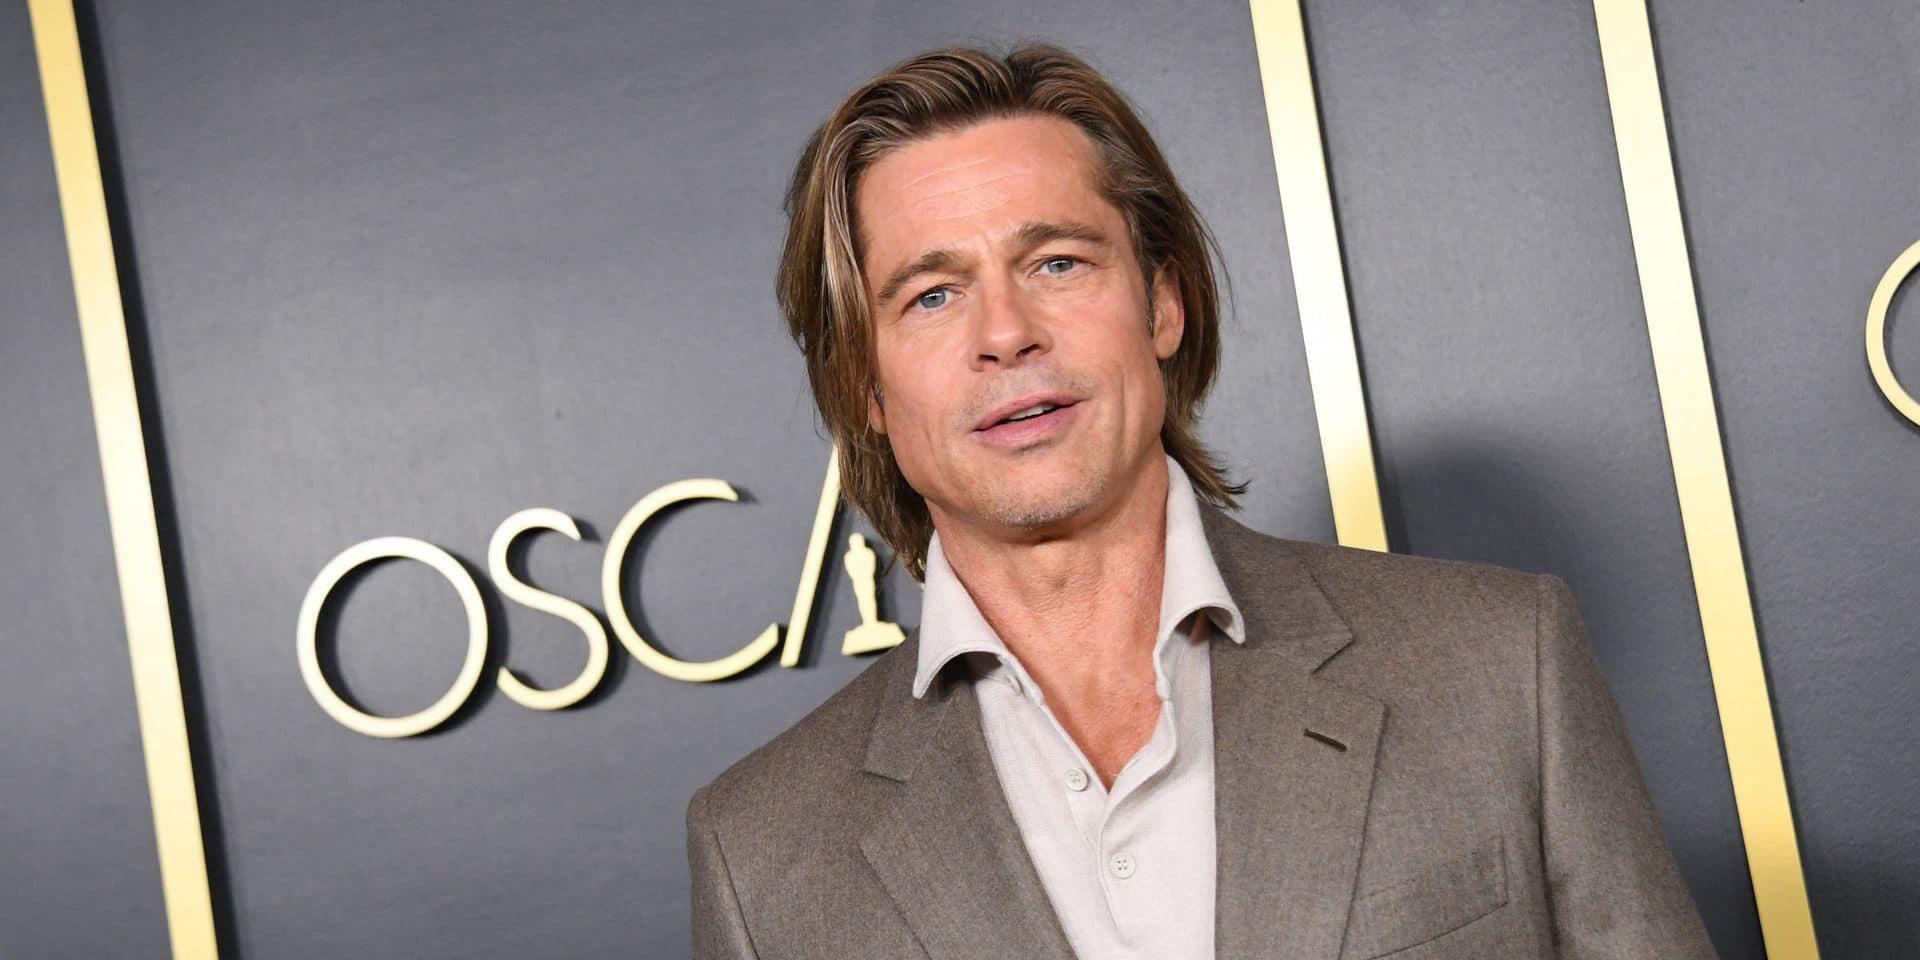 Brad Pitt aperçu mal en point et en fauteuil roulant juste avant les Oscars